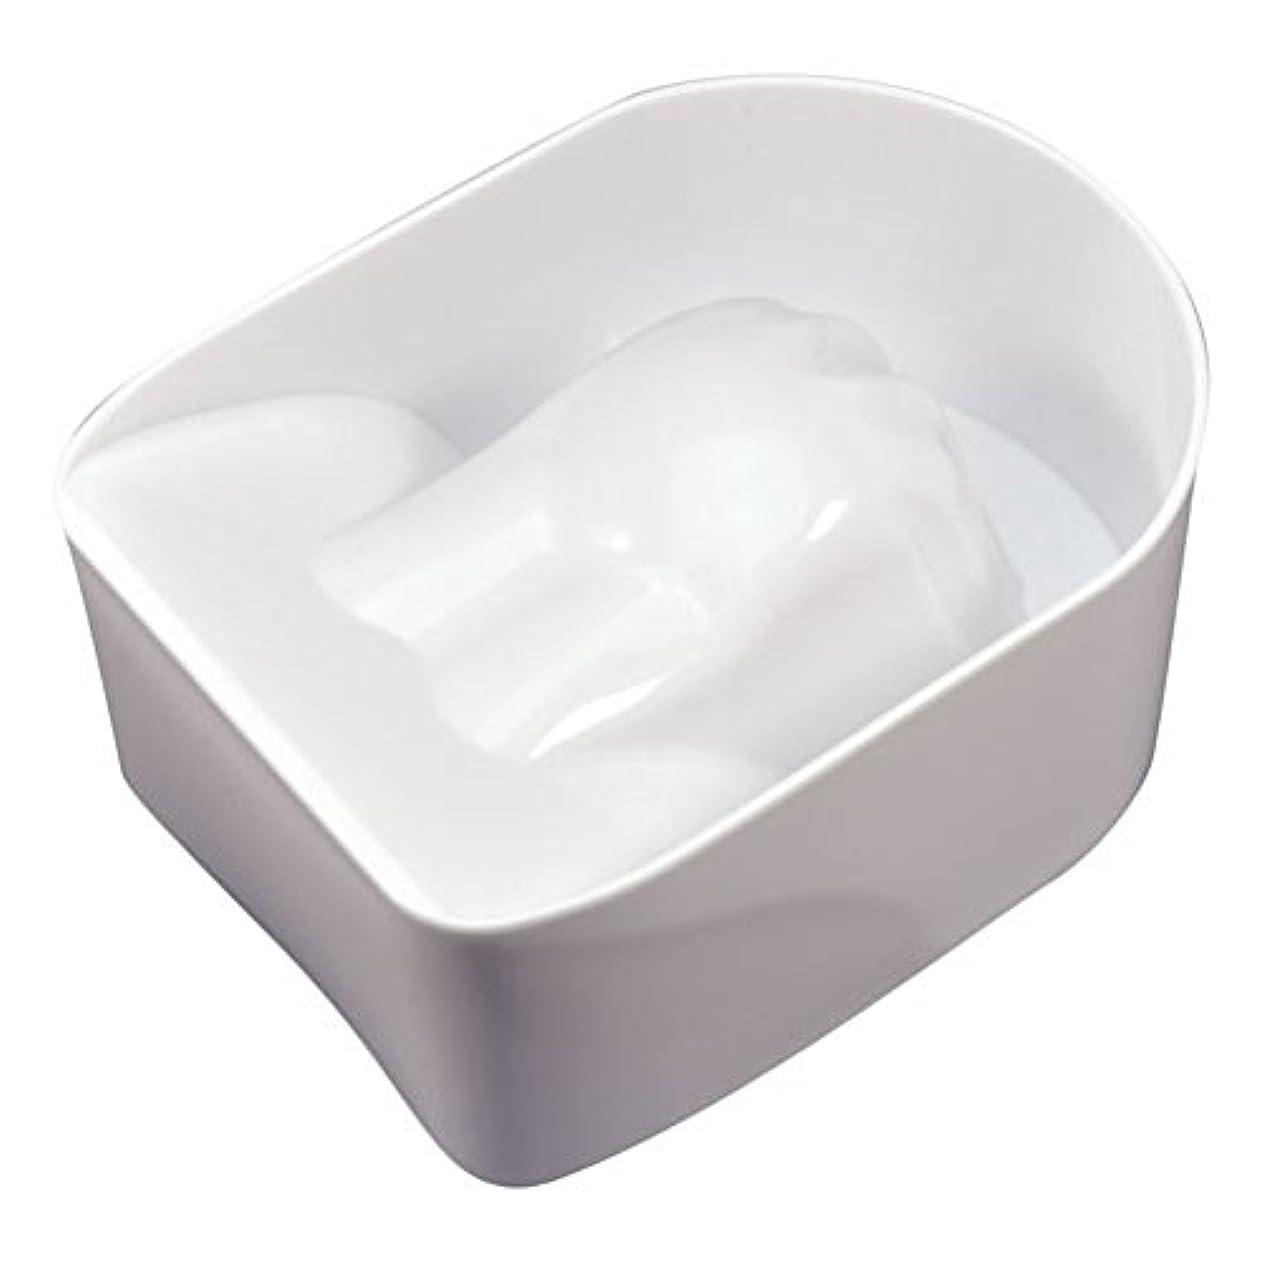 スチュワーデス置くためにパック定期的にマニキュアボール ホワイト(アセトン可)